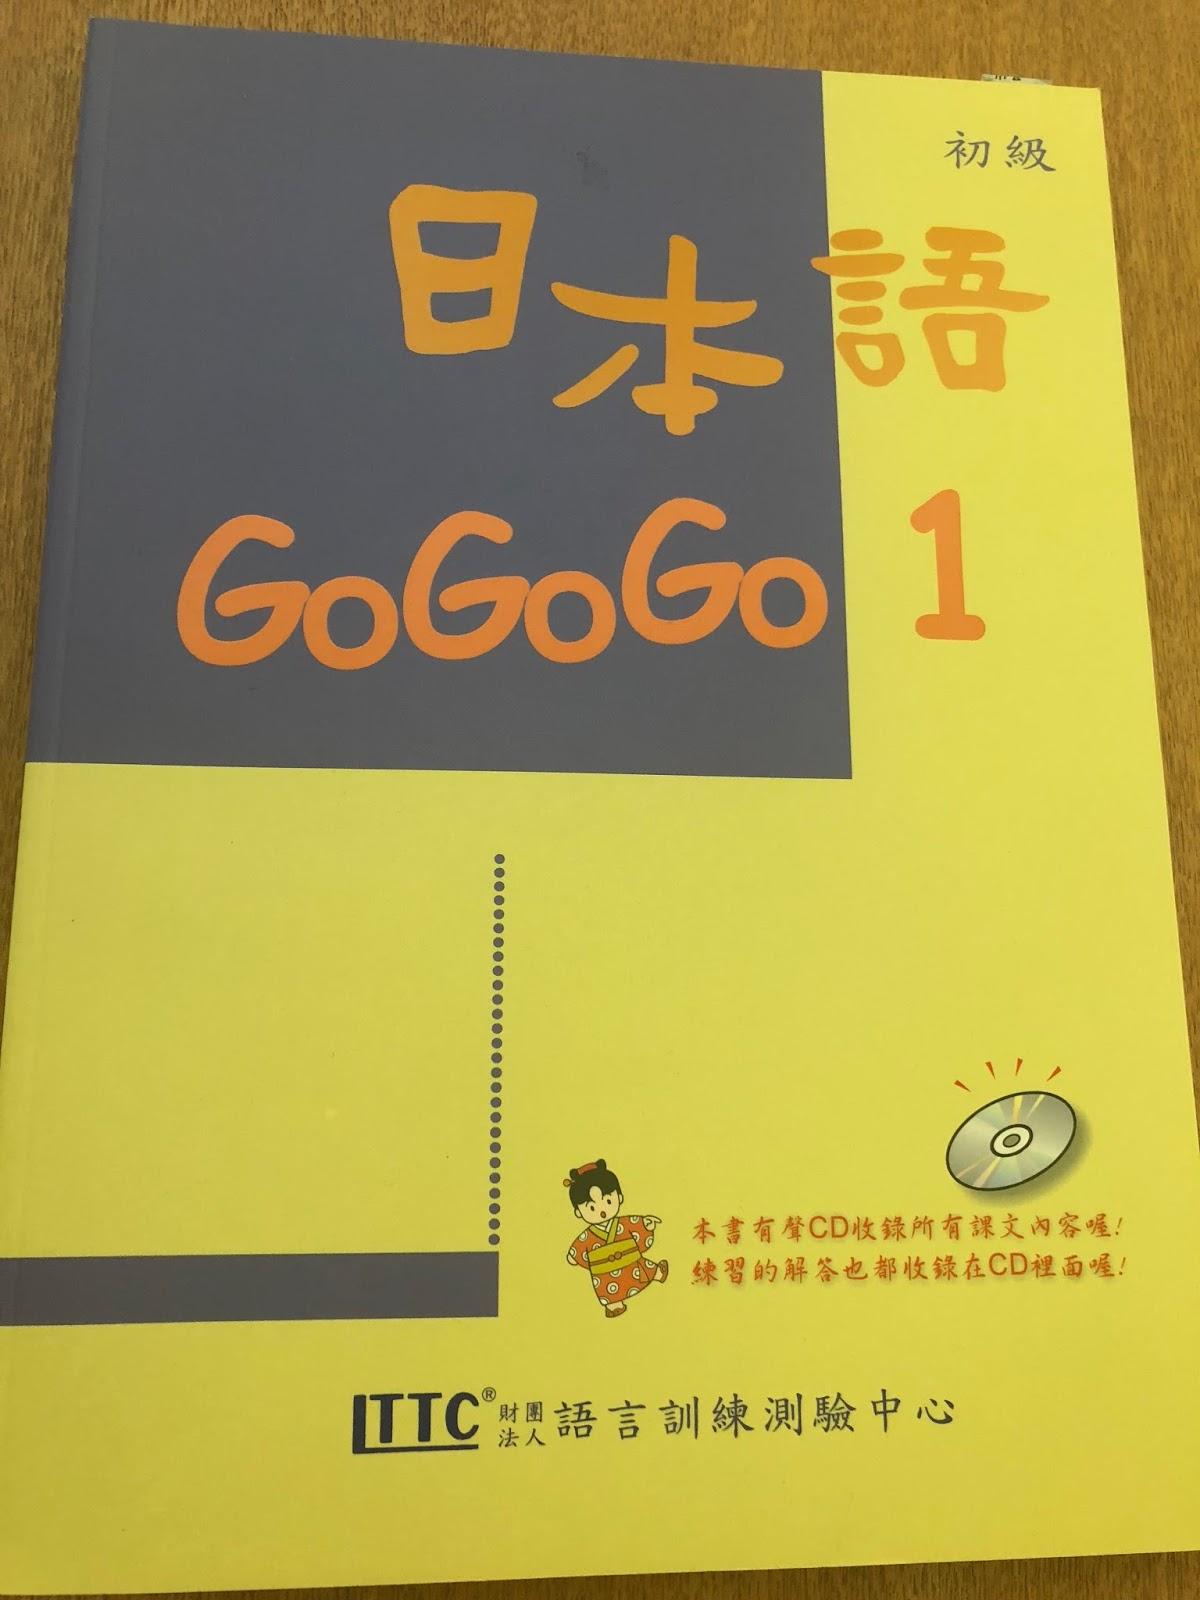 【自學日文】【參考書推薦】日本語gogogo 系列 | 水獺的日本生活 – U Blog 博客